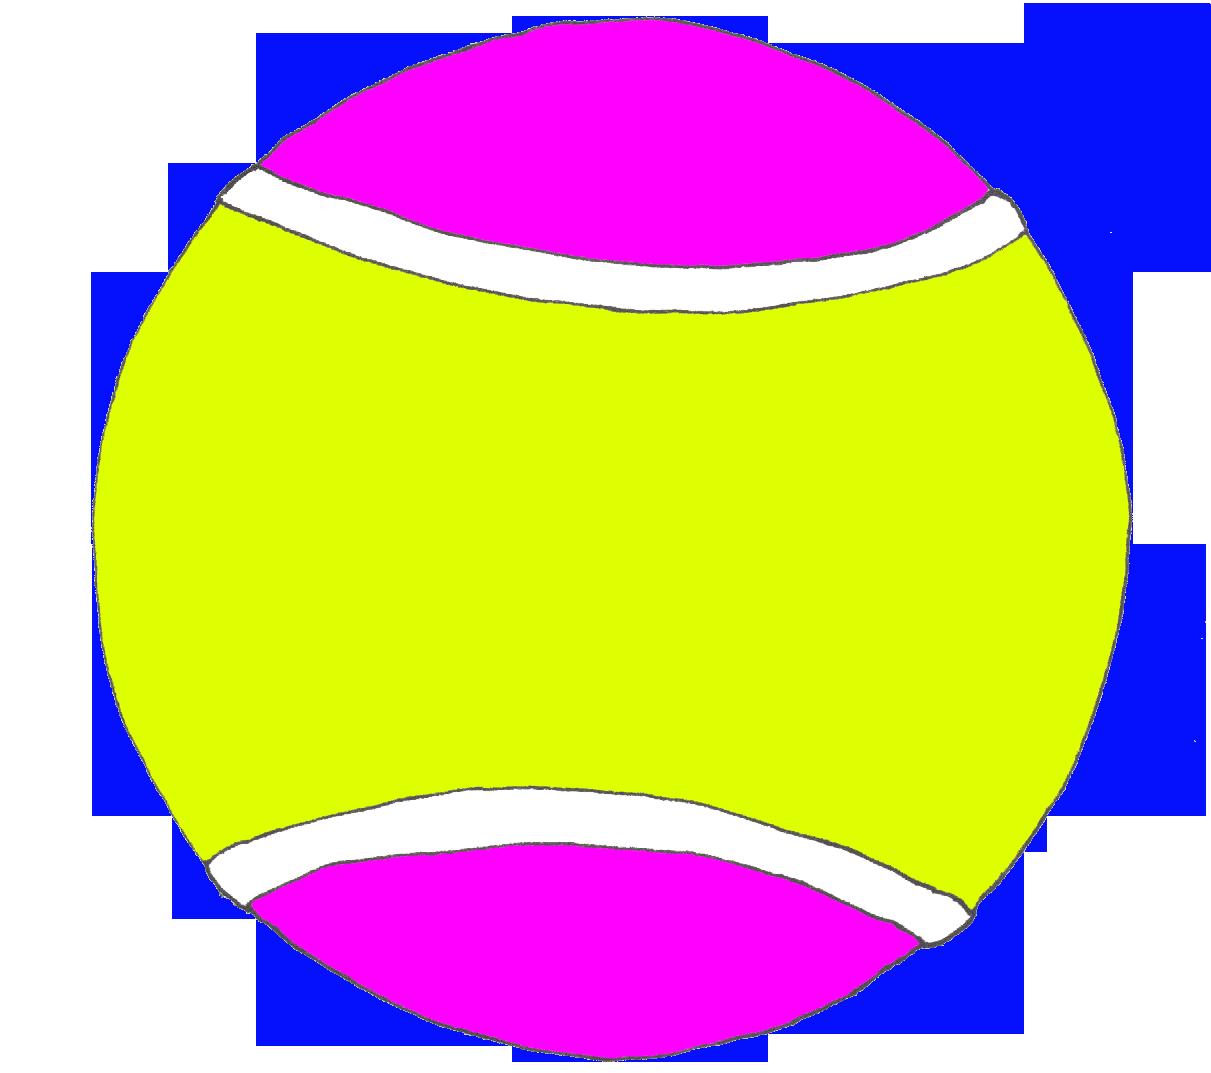 tennis-ball-clipart-Tennis-Ball-5.png